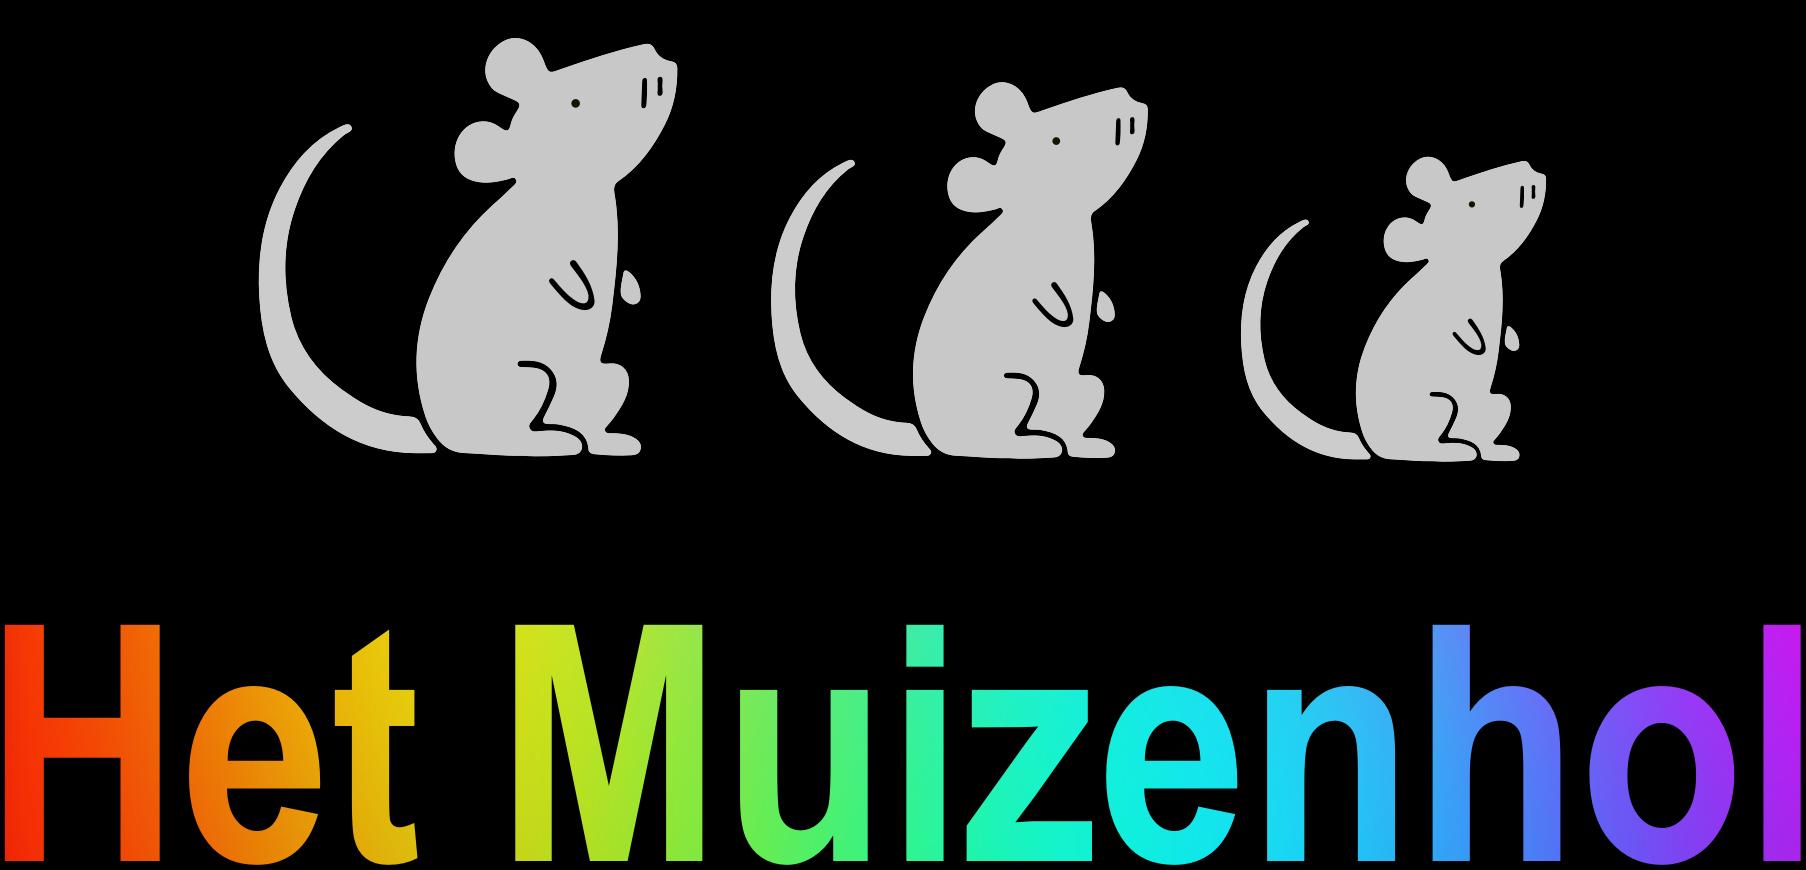 Het Muizenhol